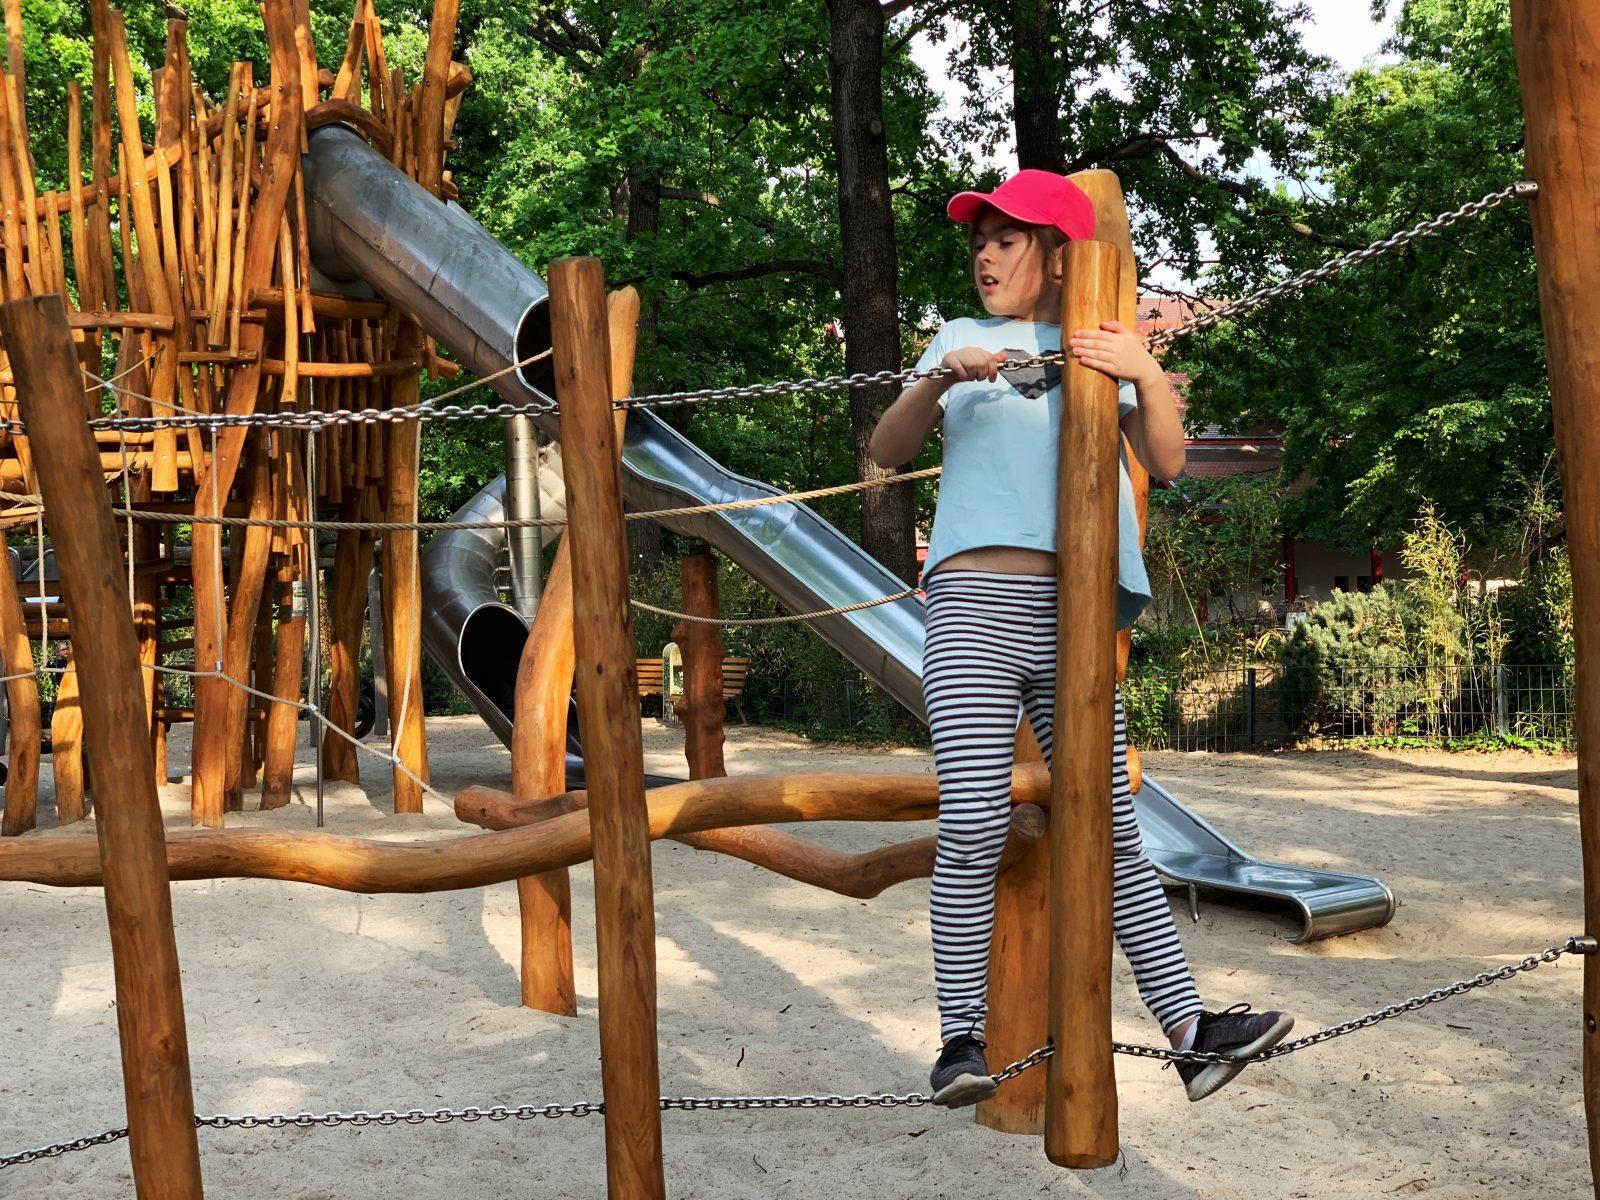 dziewczynka wspina sie na plac zabaw